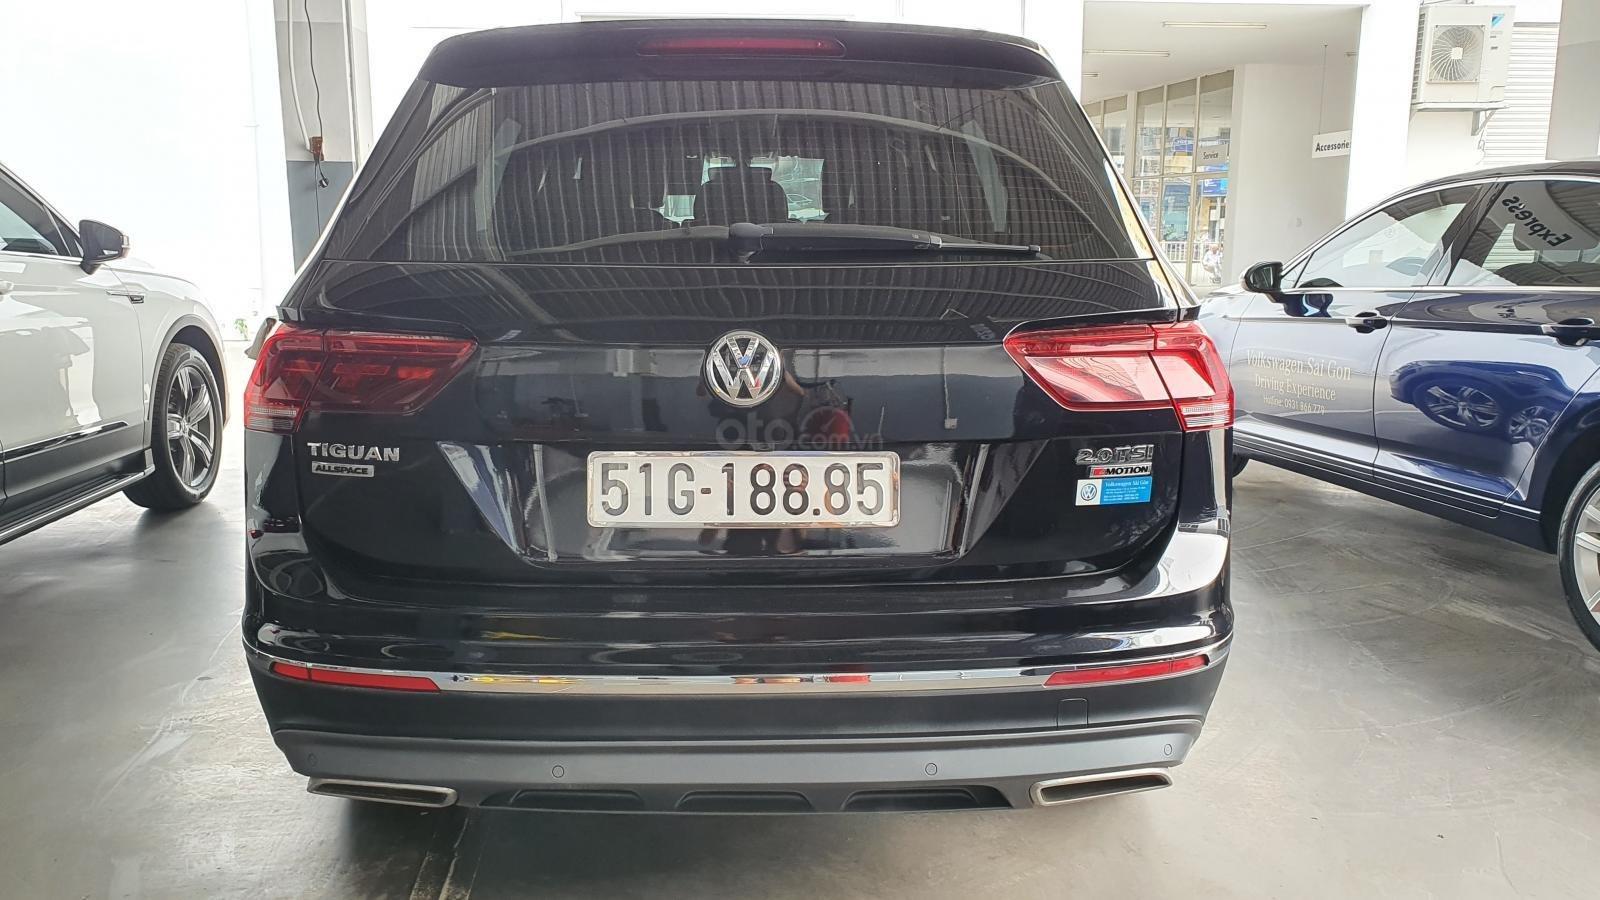 Xe công ty cần thanh lý xe Tiguan Allspace màu đen - nhiều option giá hạt dẻ, liên hệ Mr. Hùng Lâm VW Sài Gòn (5)